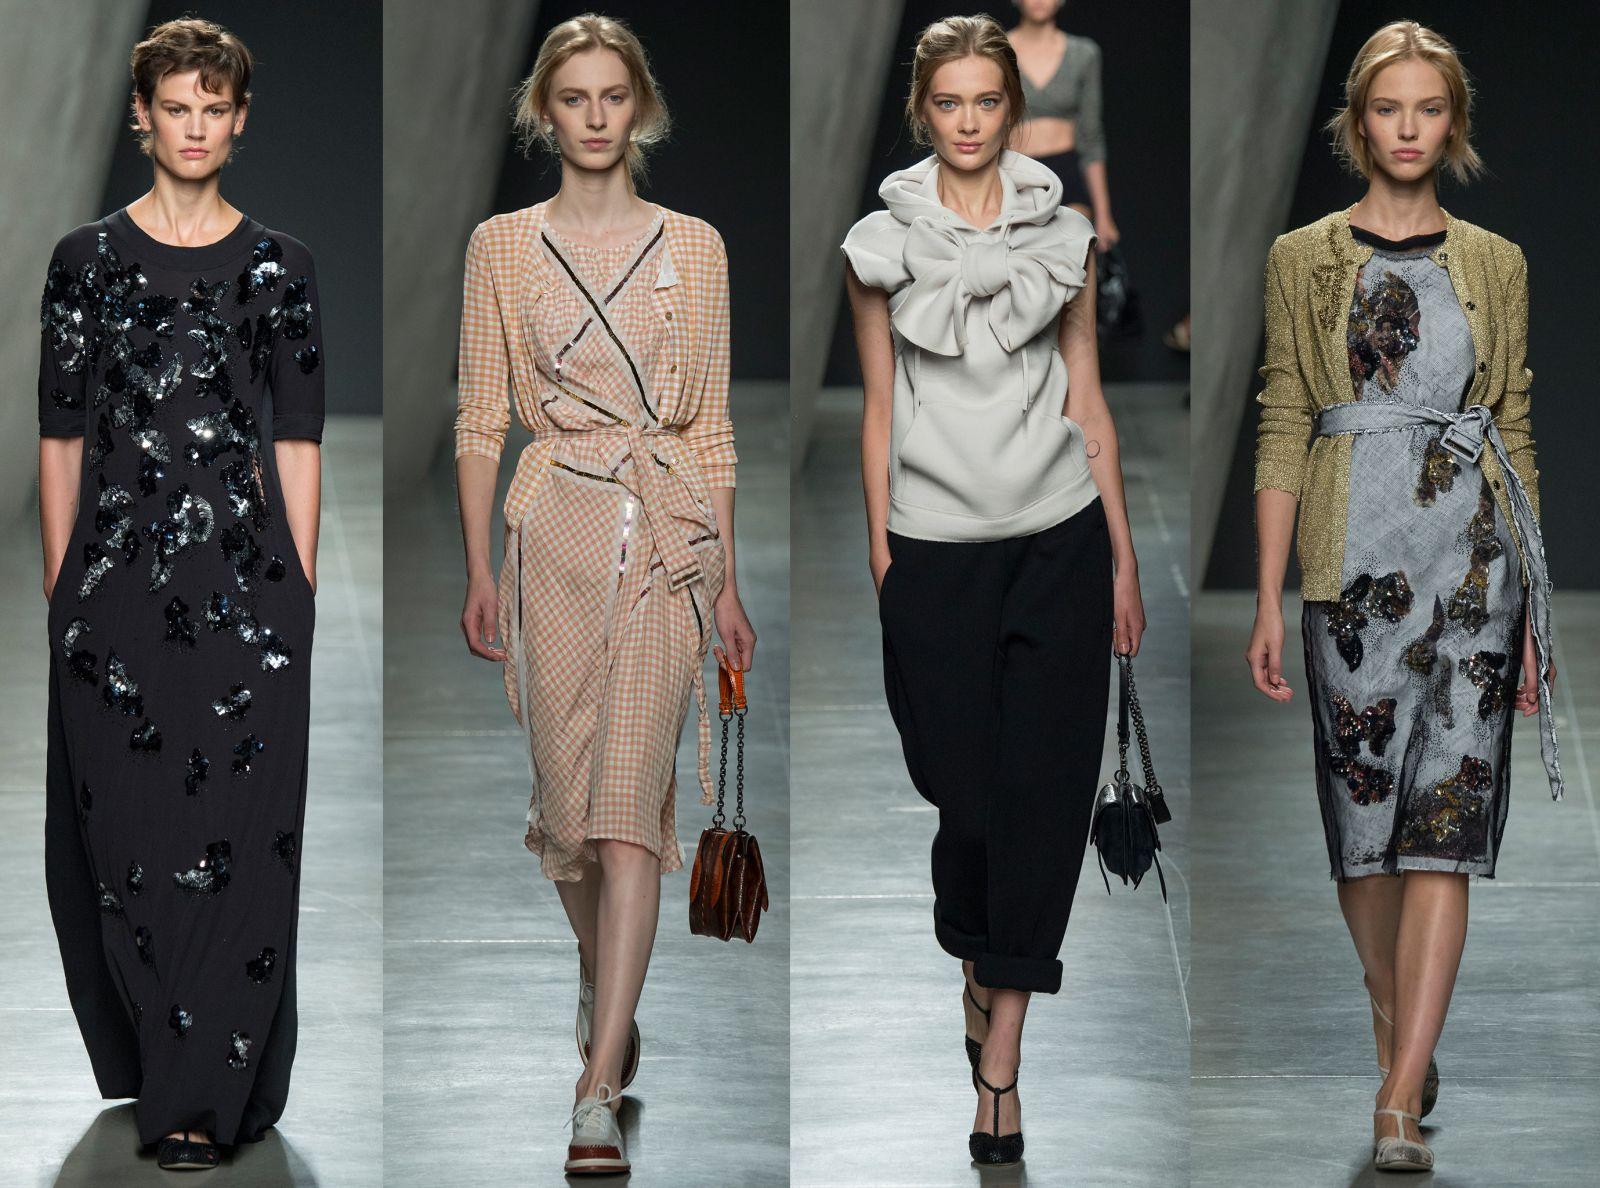 Неделя моды в Милане: Bottega Veneta, весна-лето 2015 - фото №1